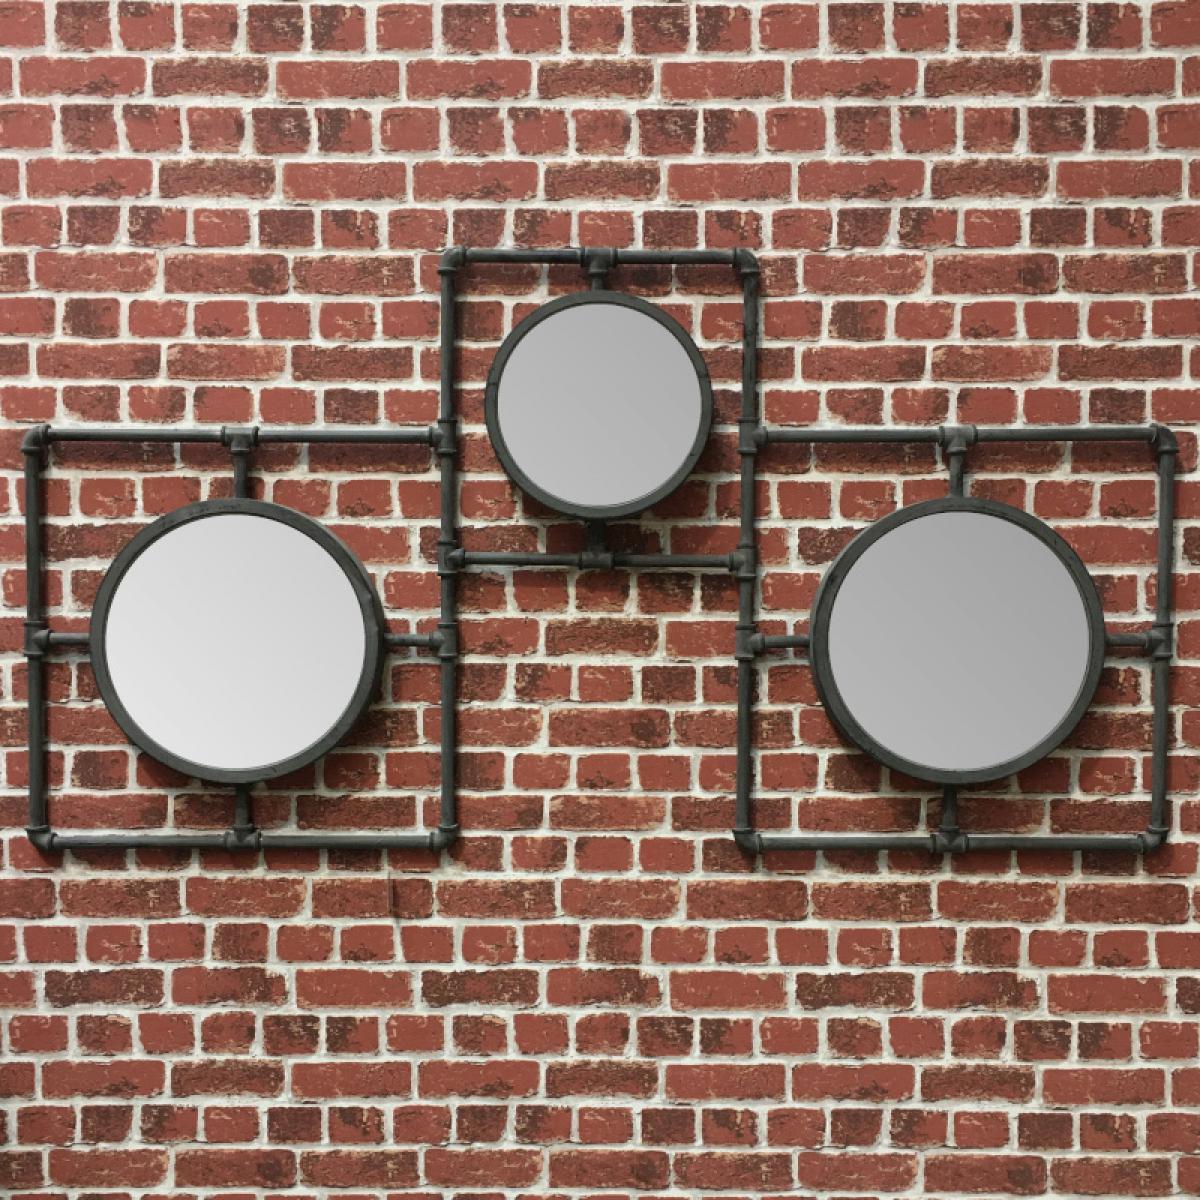 L'Originale Deco Style Ancien Miroir Industrielle Fer Métal Miroir Multiple Rond 160 cm x 86 cm